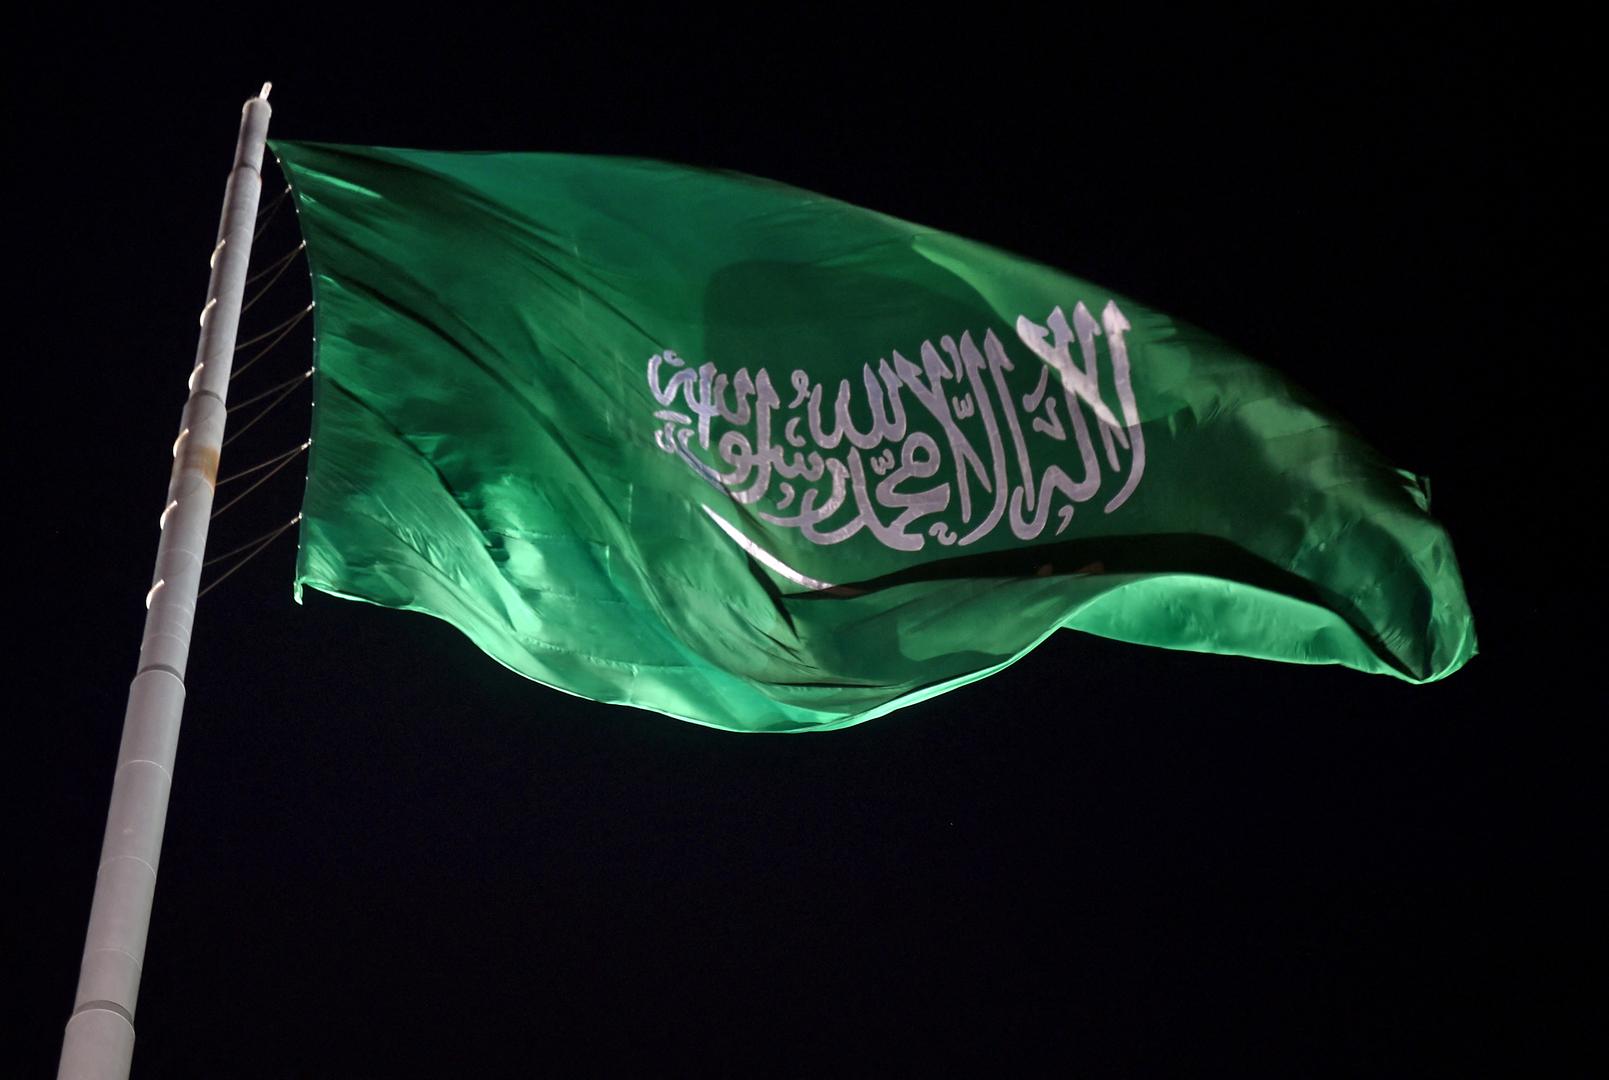 السعودية تعلن عن إلغاء الرقابة المسبقة على الكتب